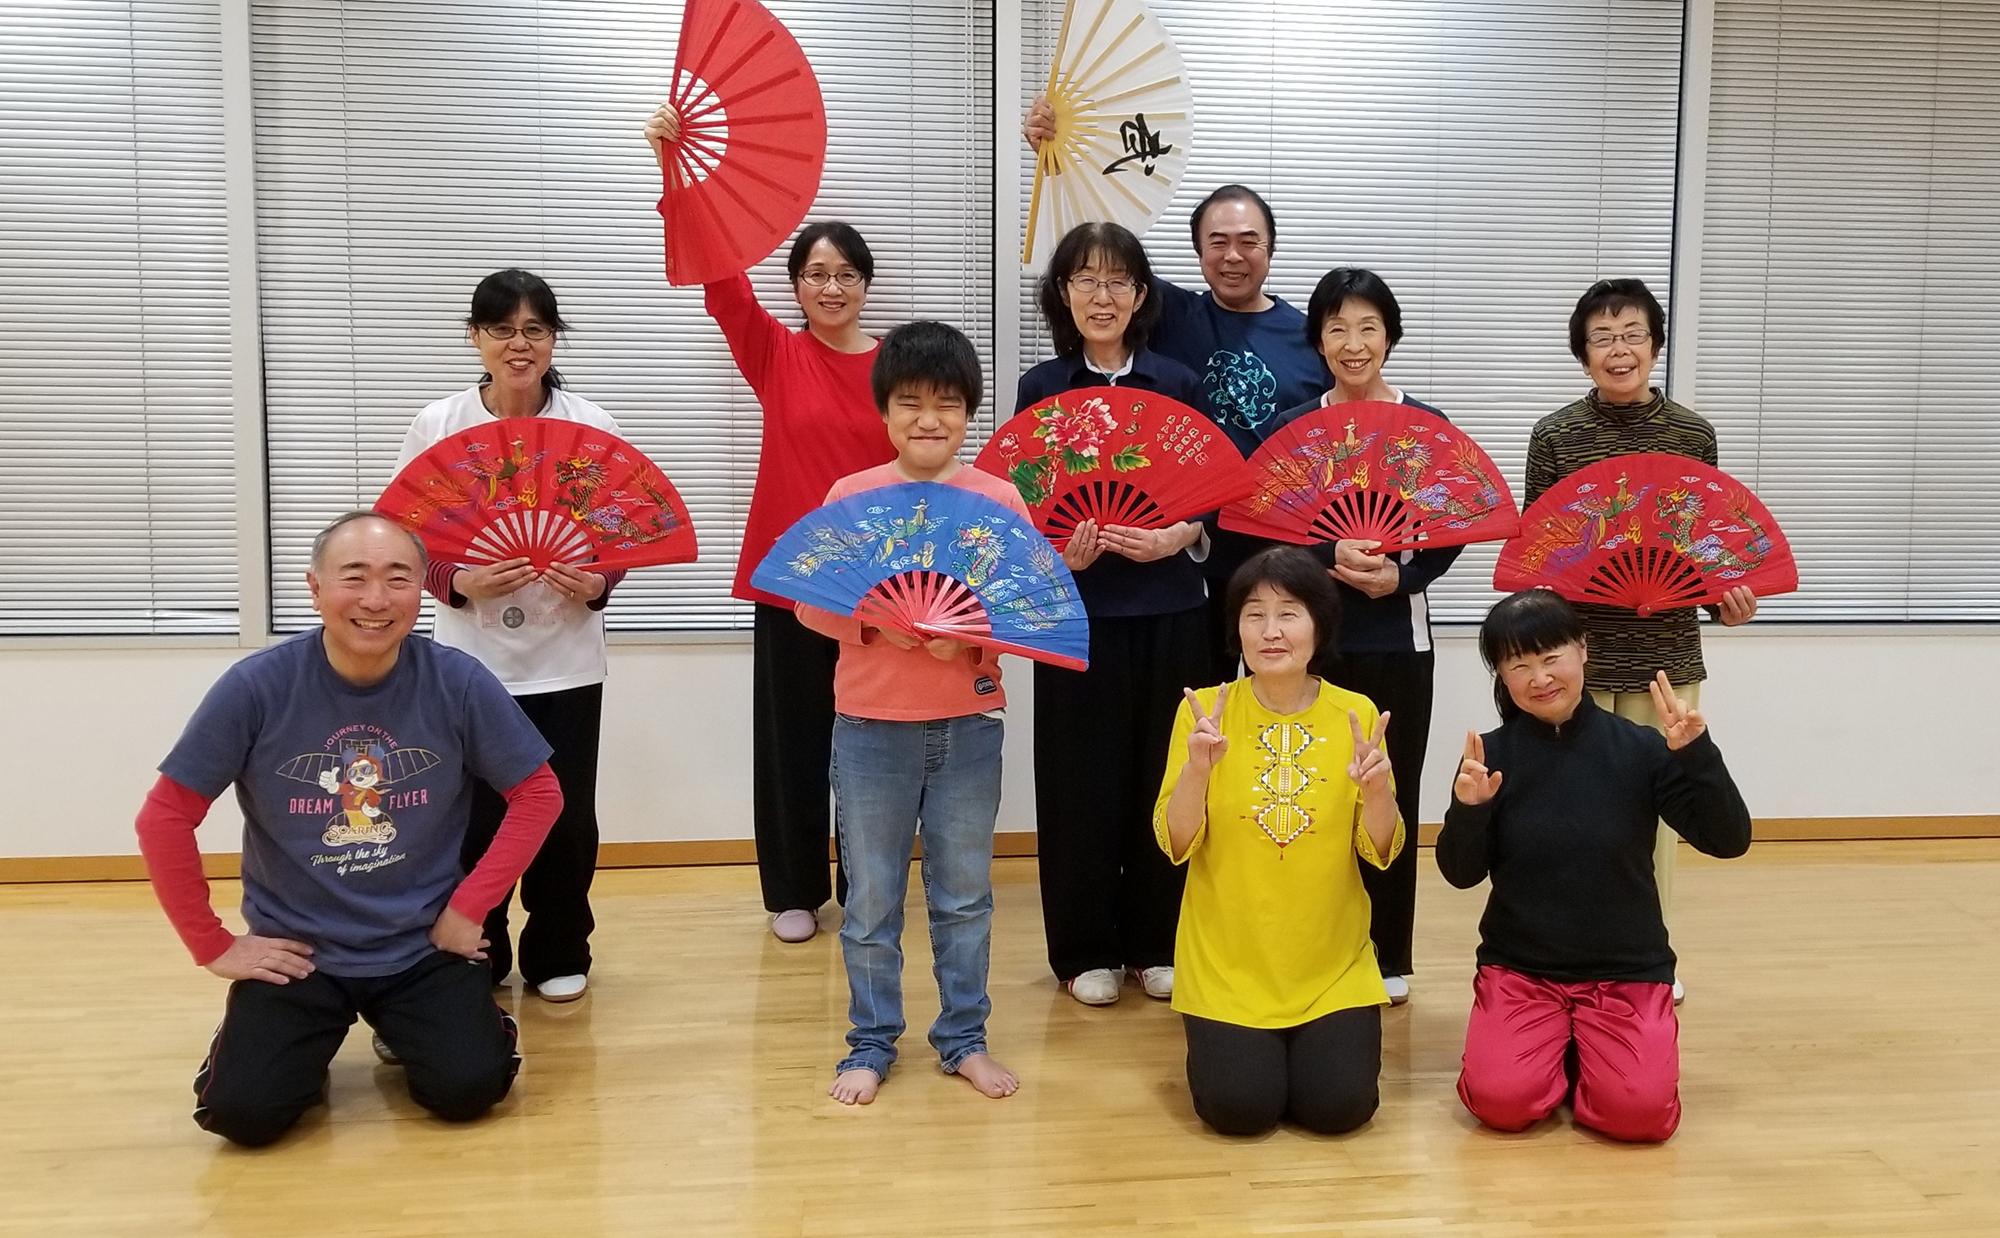 増田泰治講師と山陽カルチャー